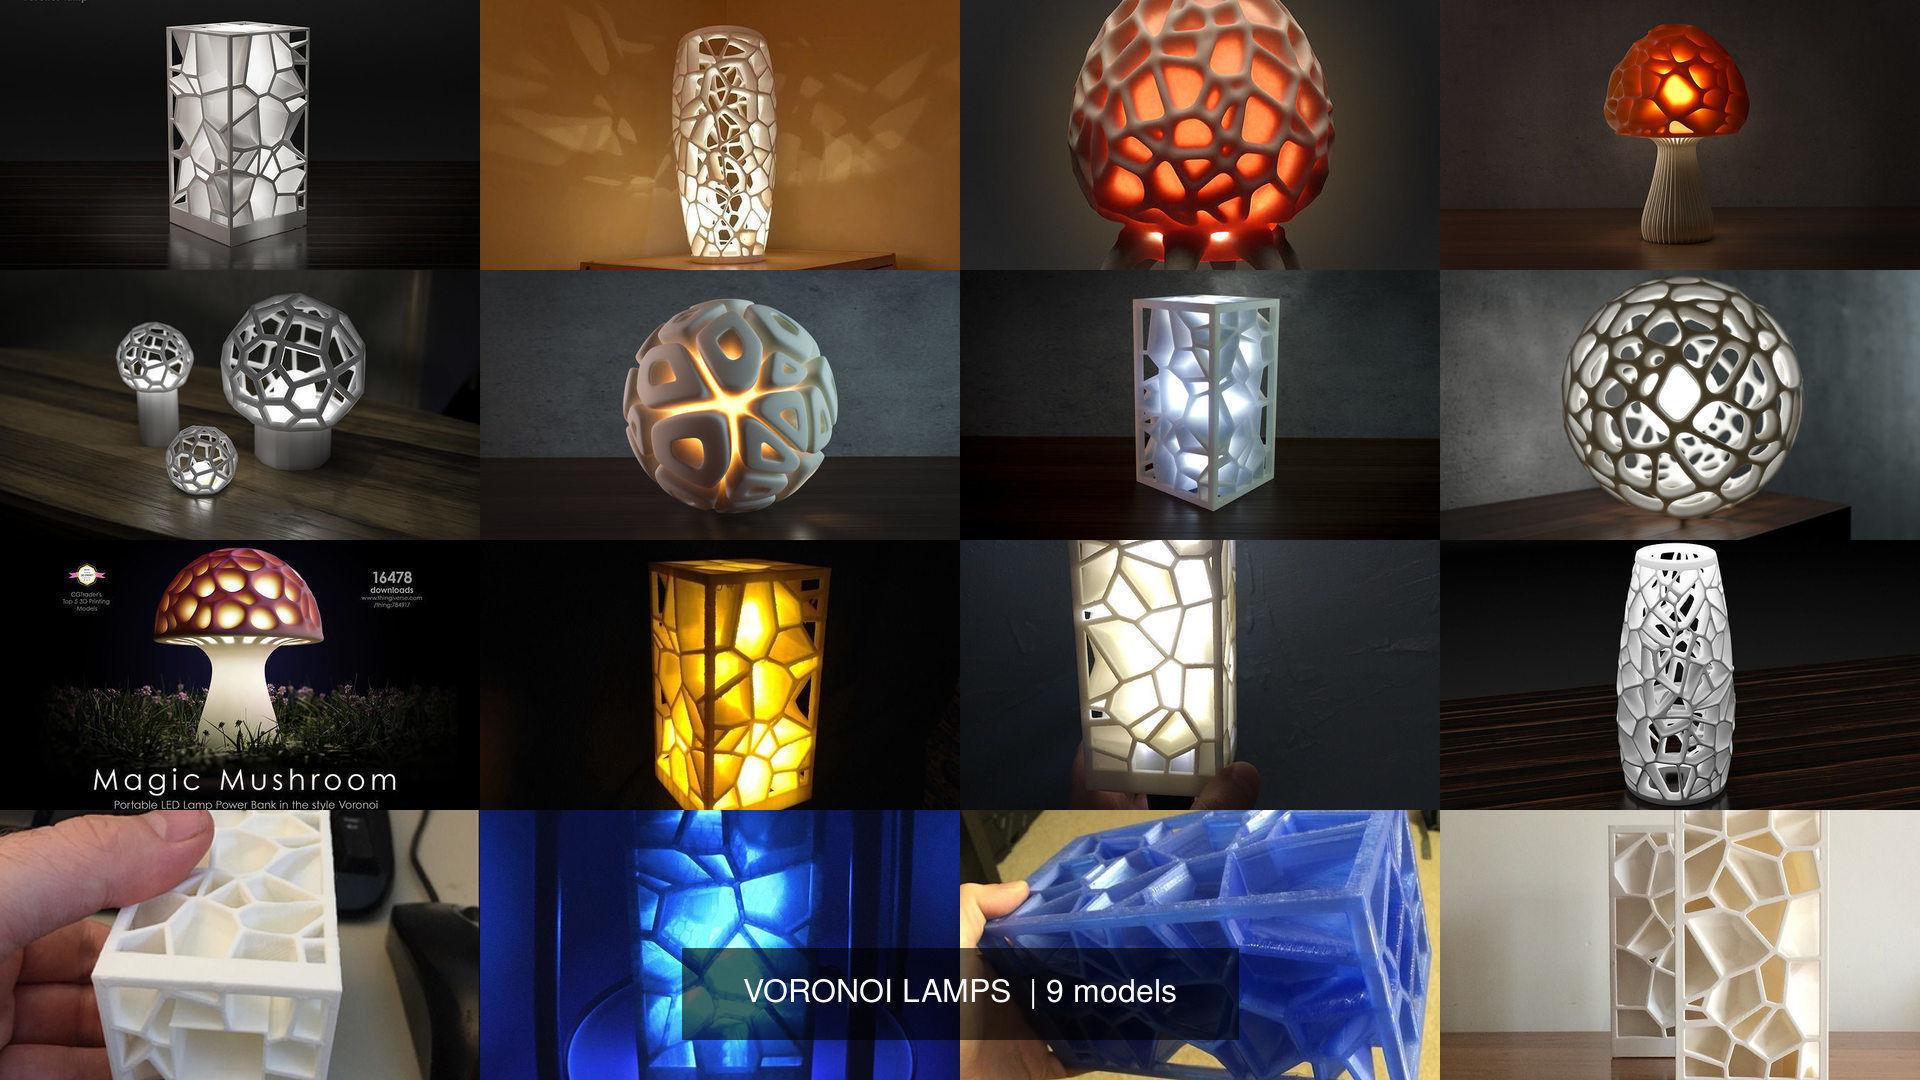 VORONOI LAMPS